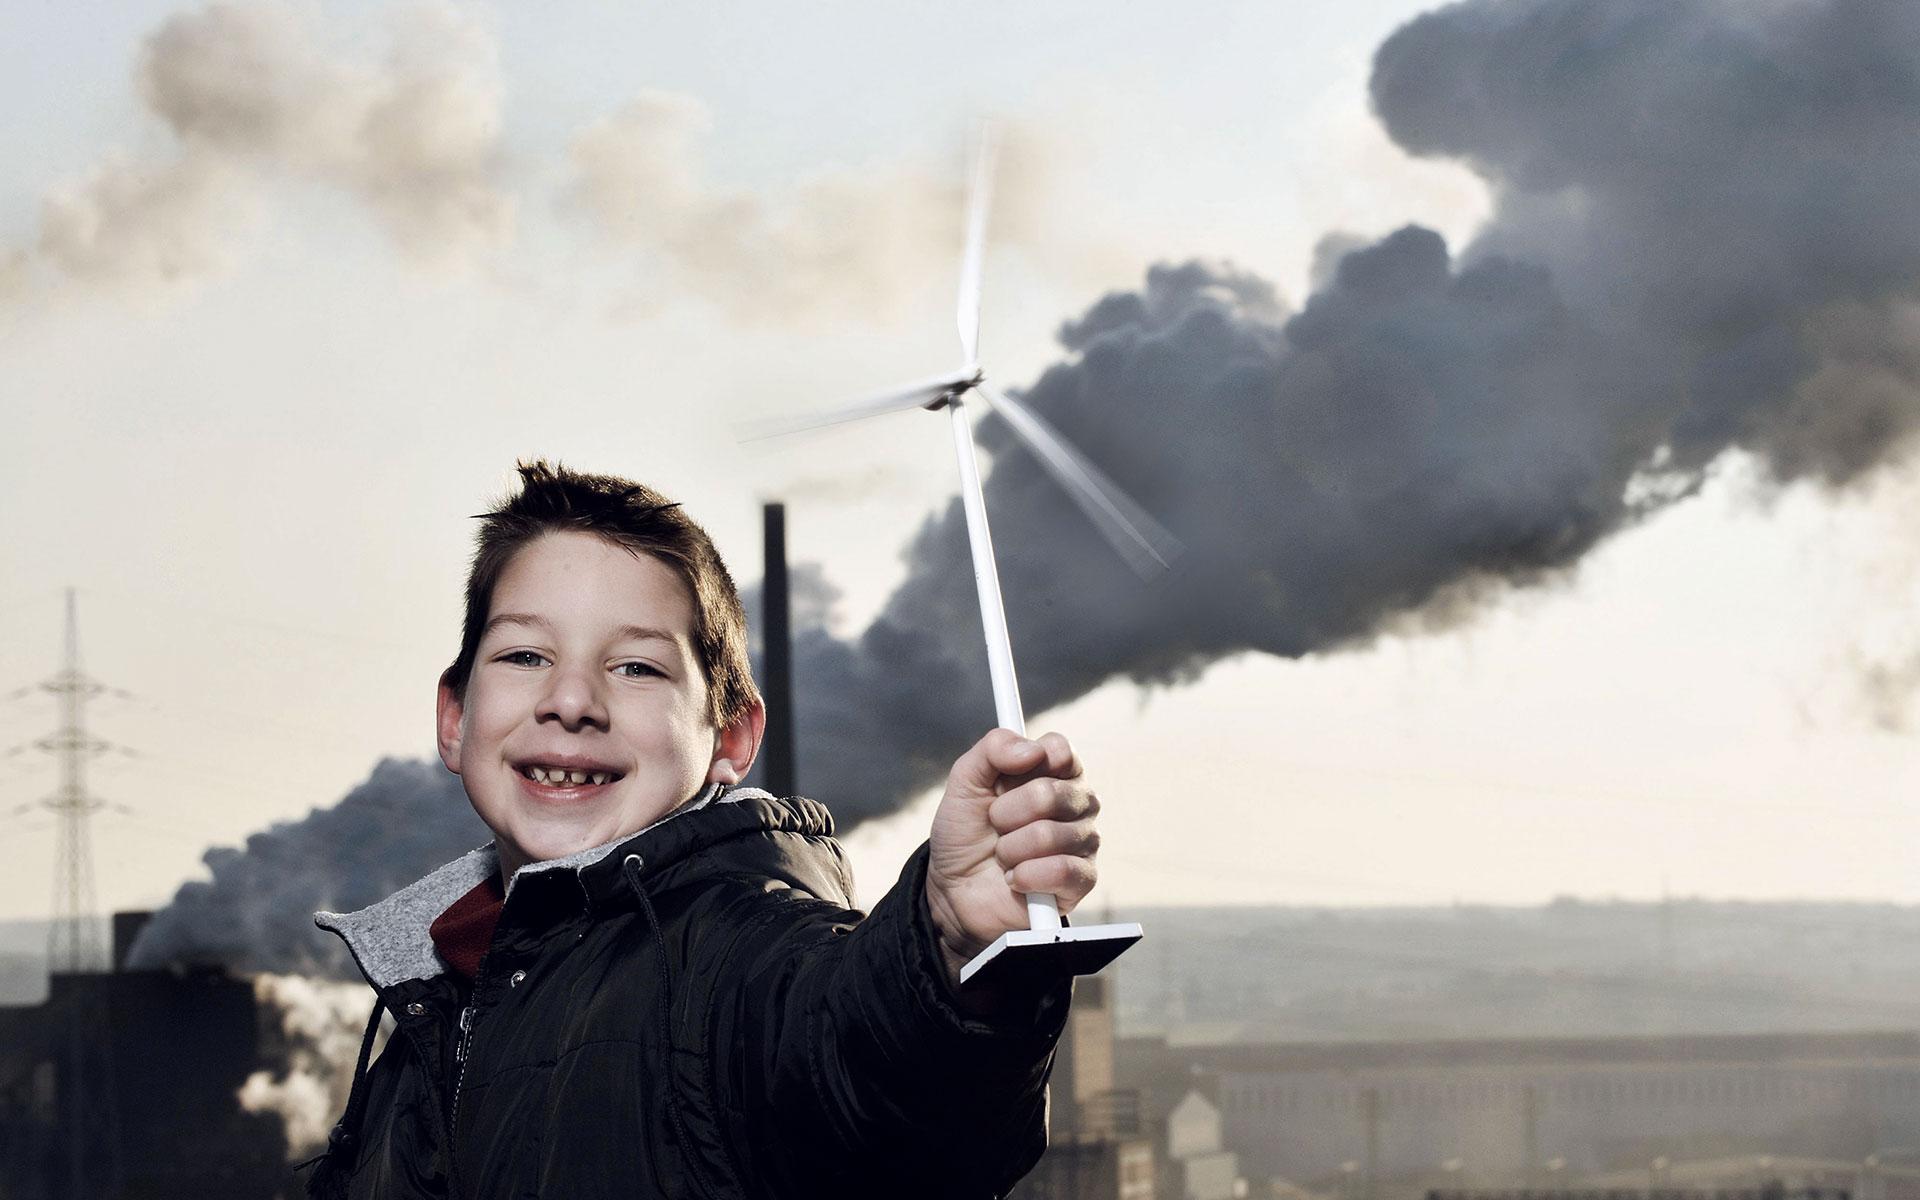 campagna carbone wwf - si al futuro